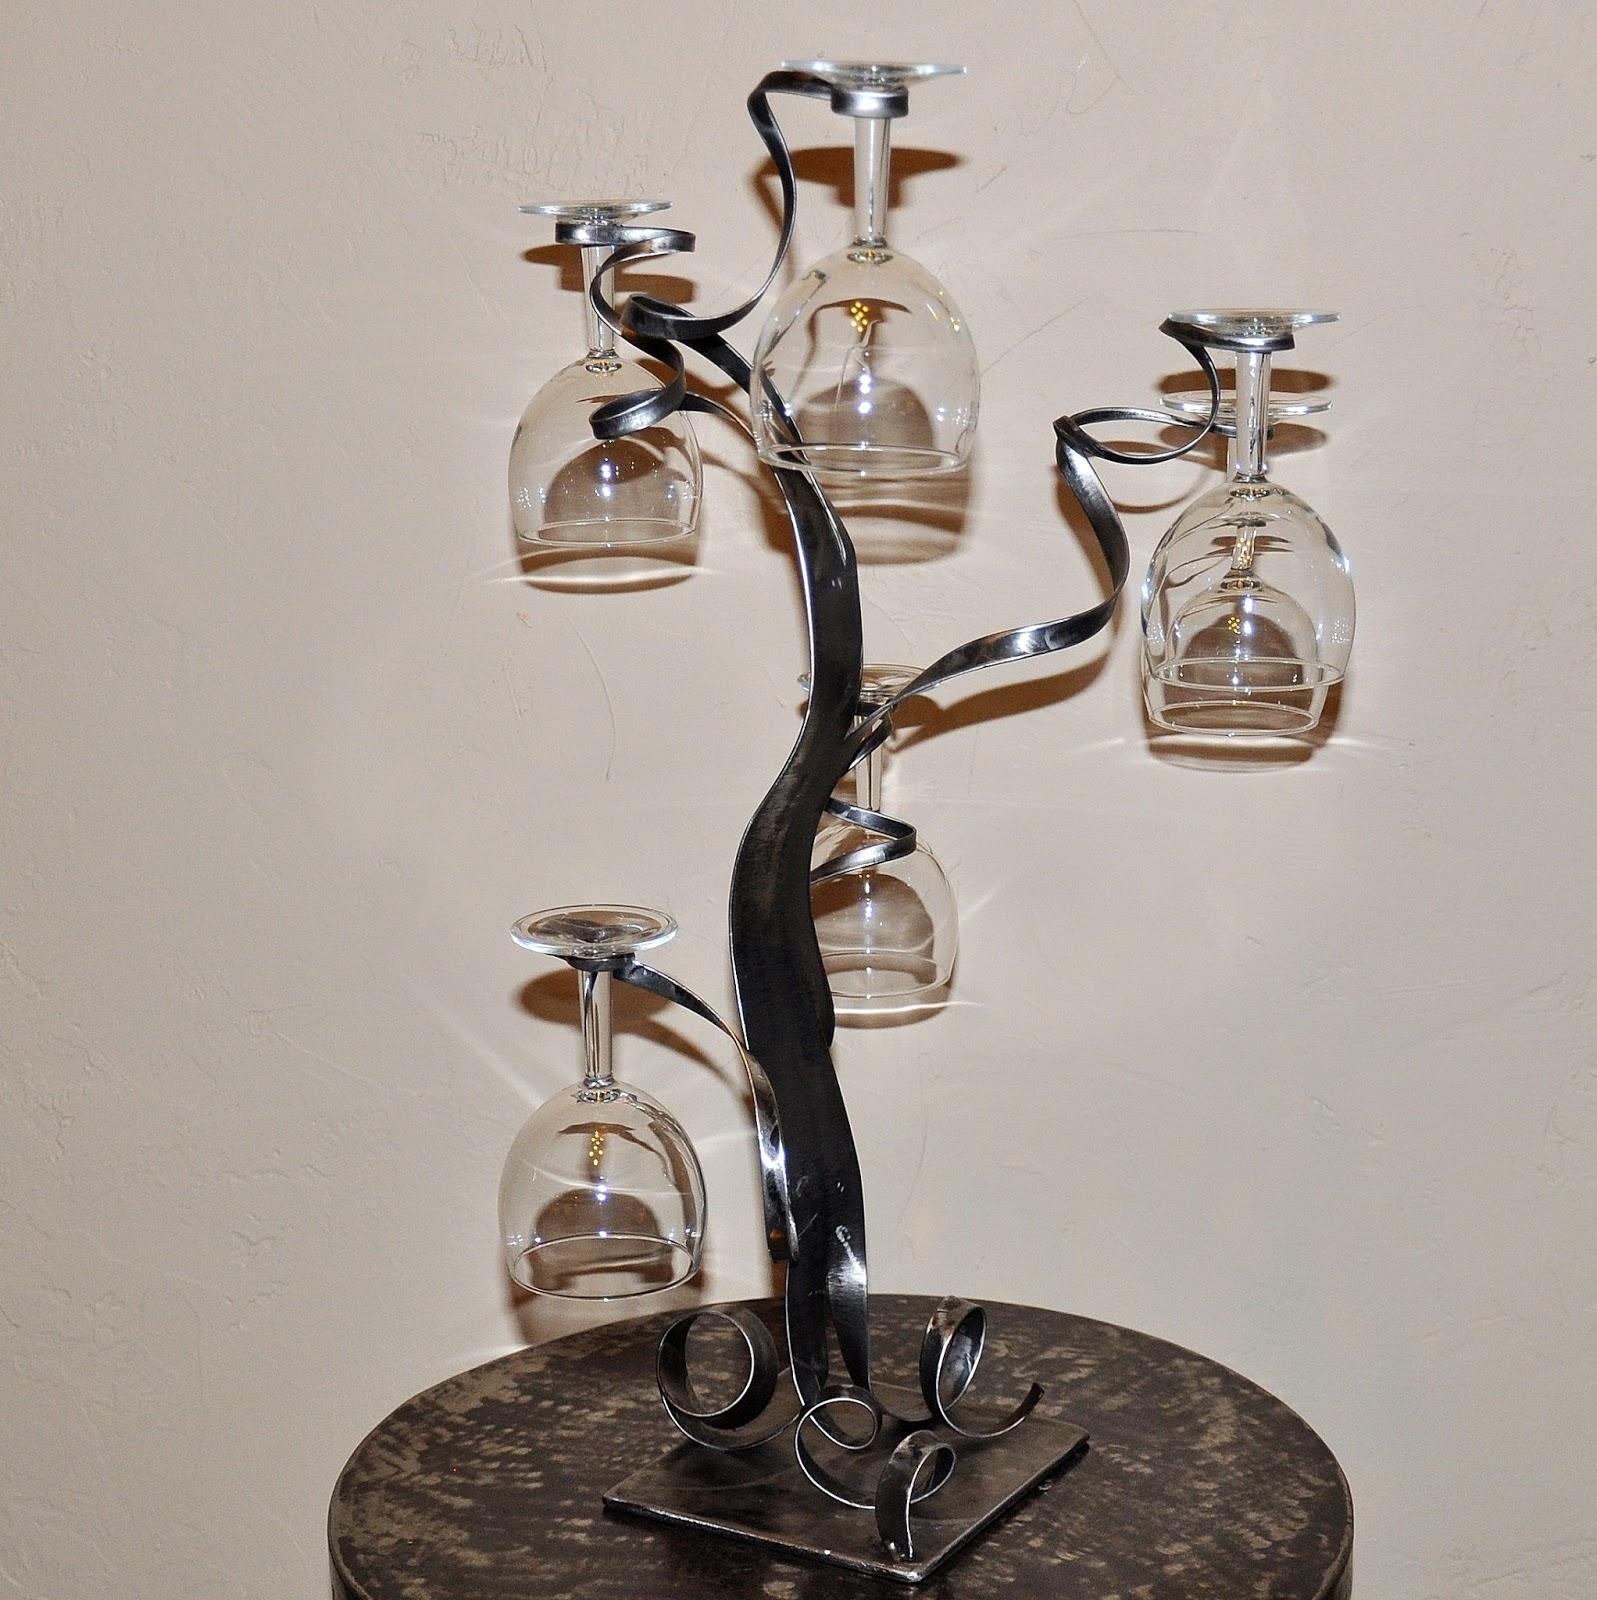 cr ateur d 39 objets d co en fer forg bougeoirs luminaires porte bouteille porte verres en fer. Black Bedroom Furniture Sets. Home Design Ideas